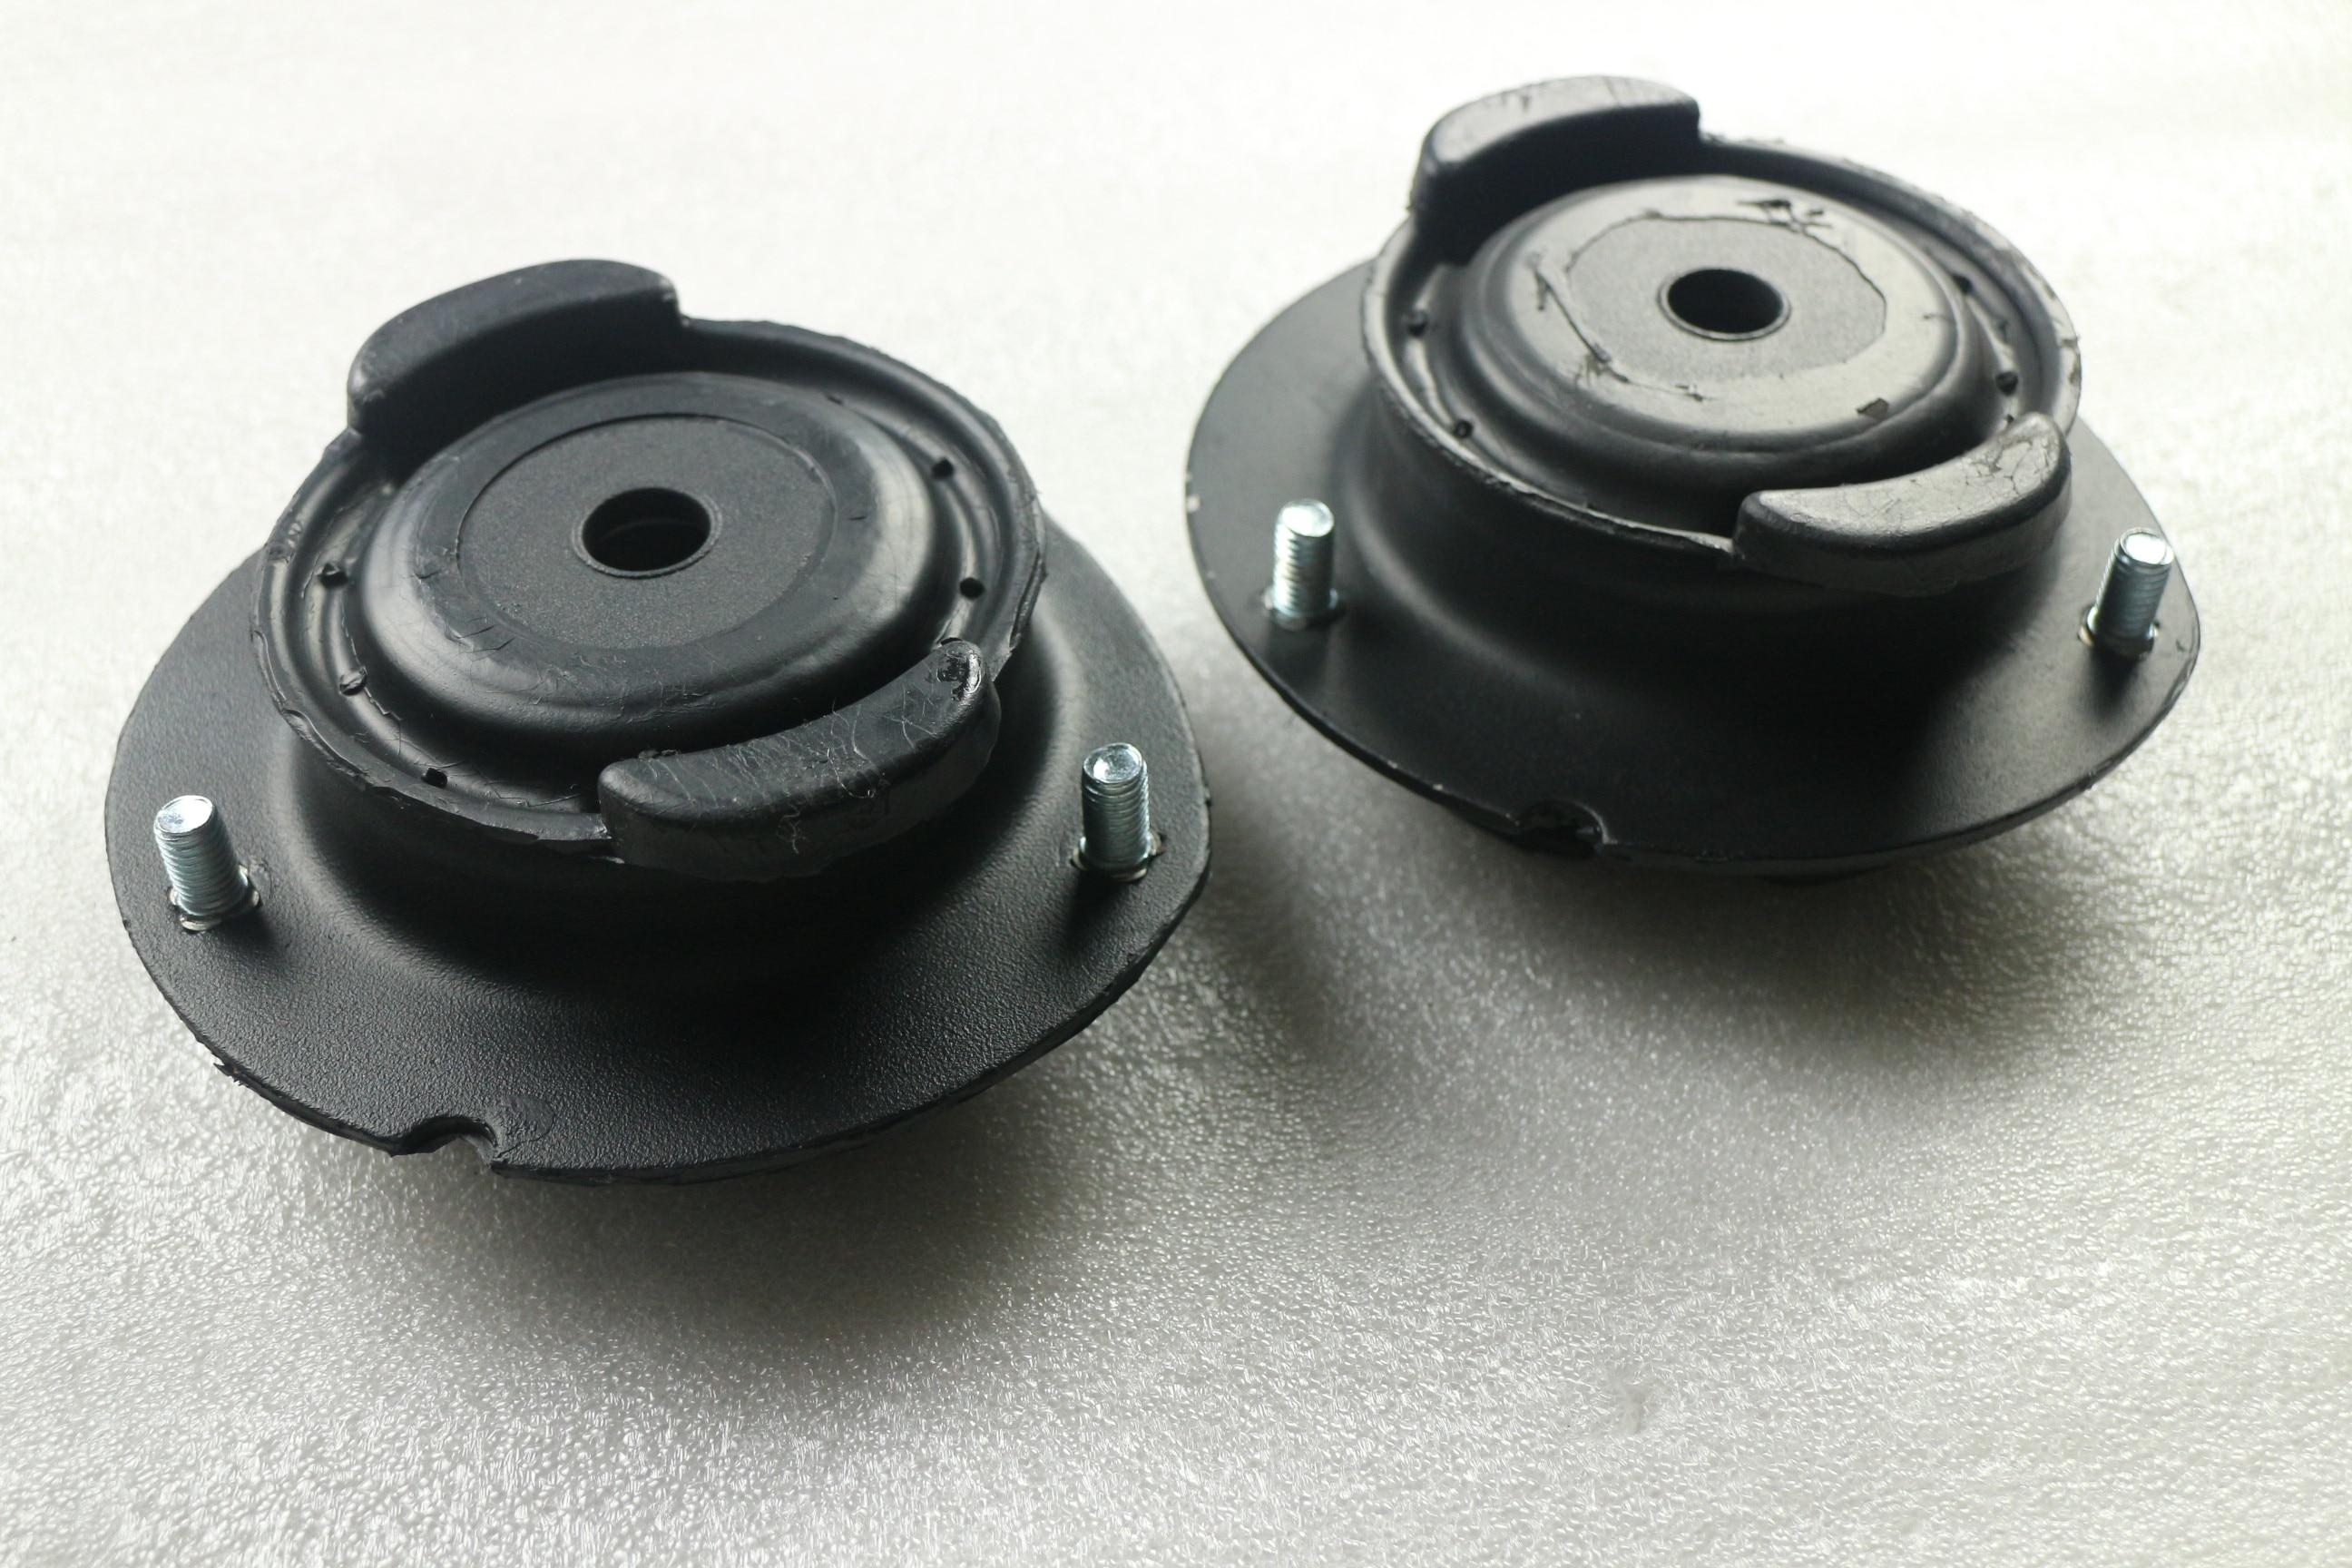 ZM Left Headlight Washer Nozzle Cover for Audi A4 Quattro S4 8E0955275E